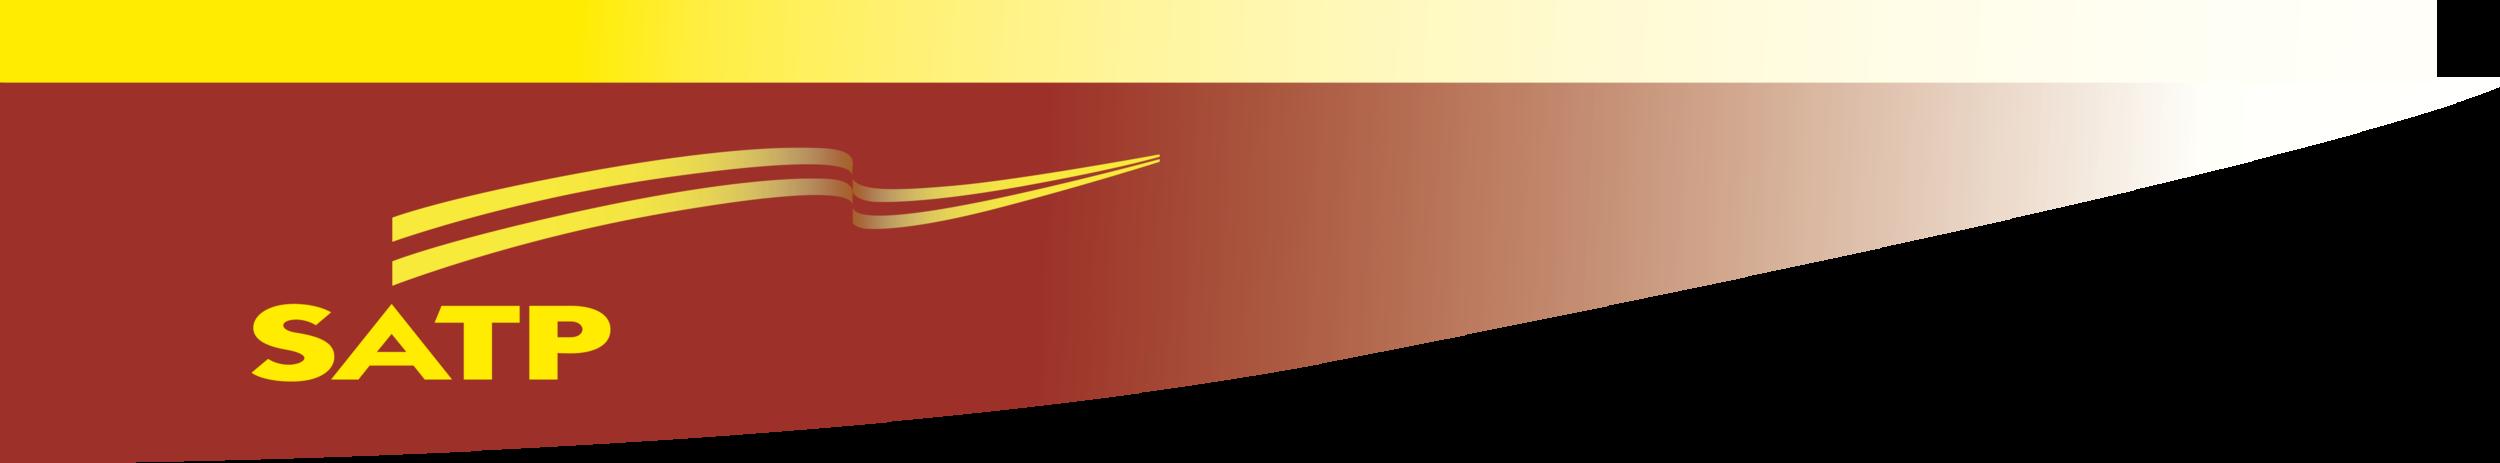 logo SATP vecto.png